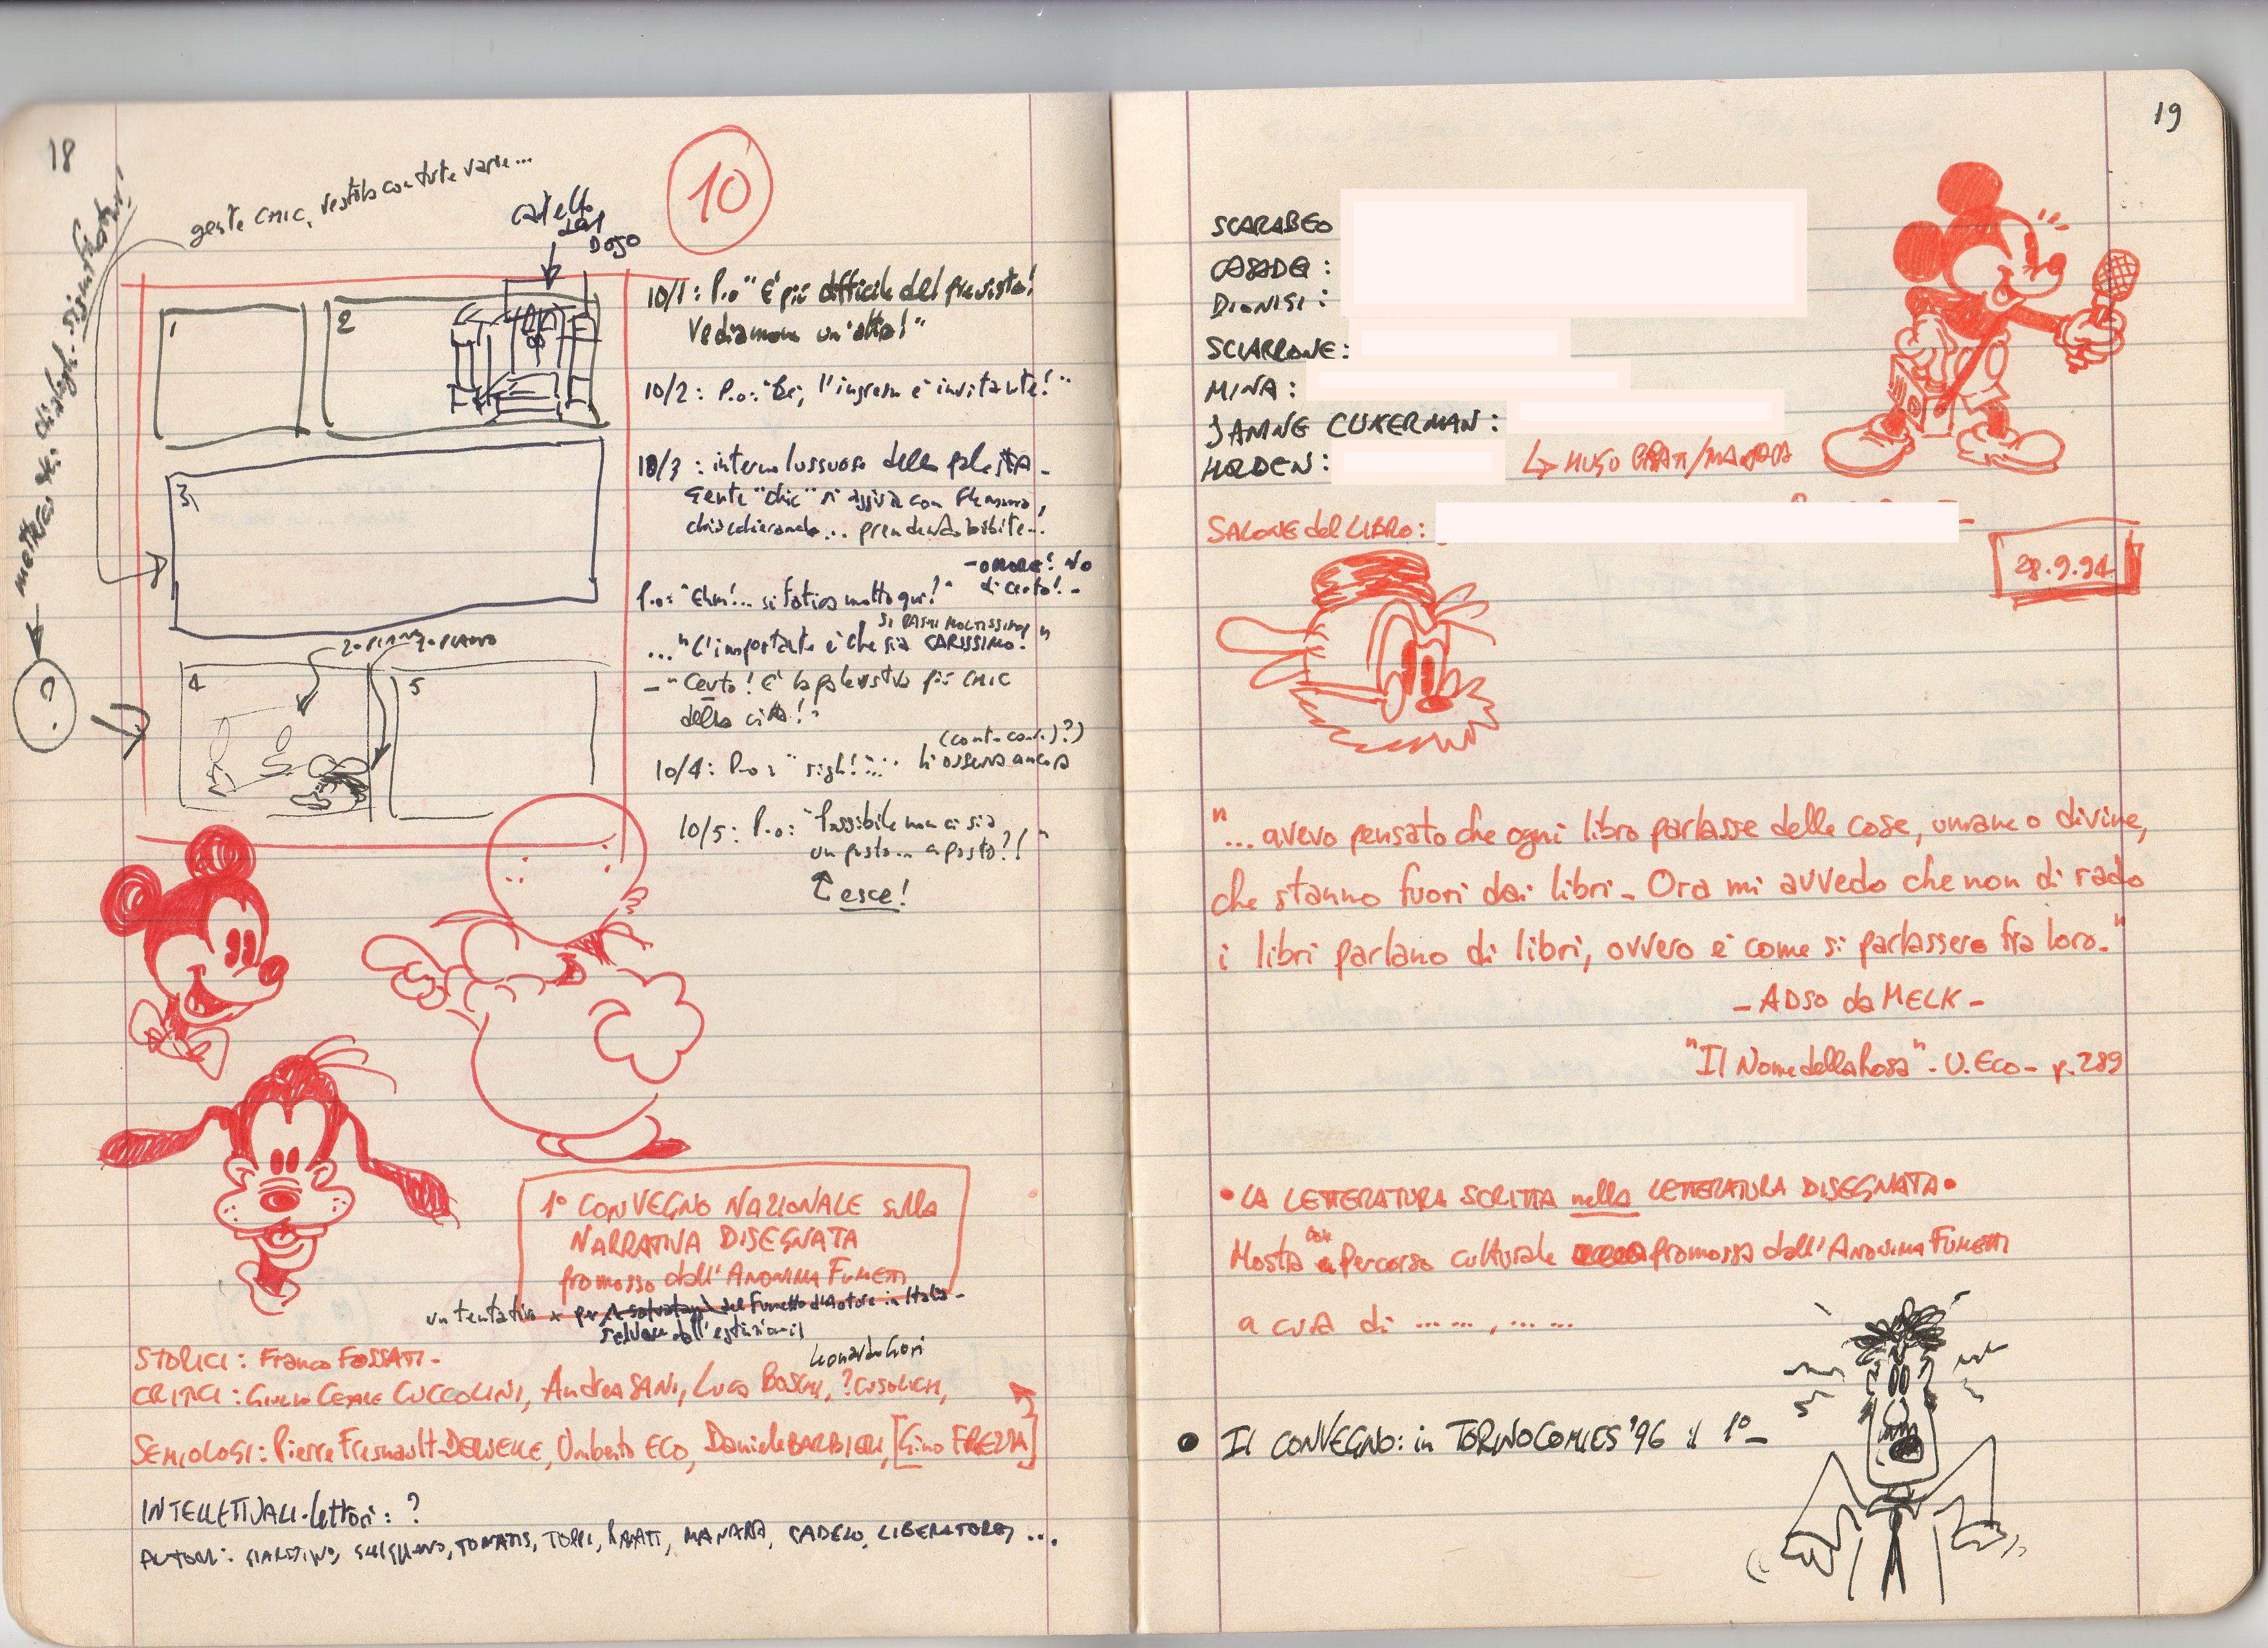 Pagine 18 e 19 dal mio veeeeecchio quaderno per sceneggiature e appunti fumettistici. Ho sbianchettato i telefoni, ovviamente… Nella 18 c'è lo storyboard per la pagina 10 di un'avventura con Paperino e appunti vari per il convegno internazionale che l'Anonima Fumetti tenne a Torino. Un mio BAB con Topolino e Pippo. Nella 19 appunti vari, un Topolino giornalista e il professor Enigm, e un mio personaggetto isterico… :-)